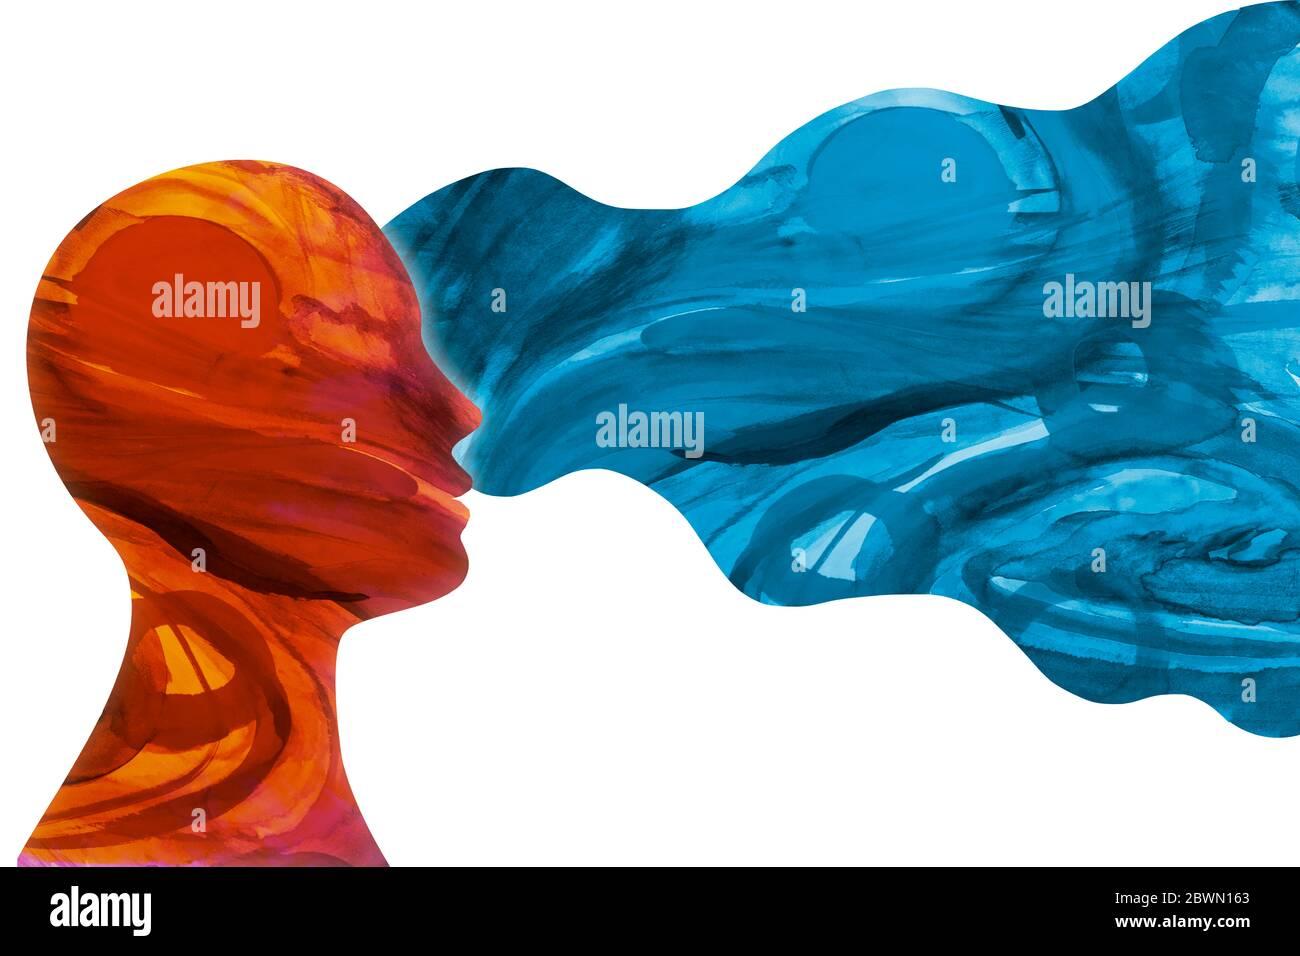 Concepto de salud mental. Metáfora del comportamiento y humor. Cara aislada de la cabeza persona humana en el pensamiento de perfil. Psicología y mente. Patología. Psiquiatría. Foto de stock